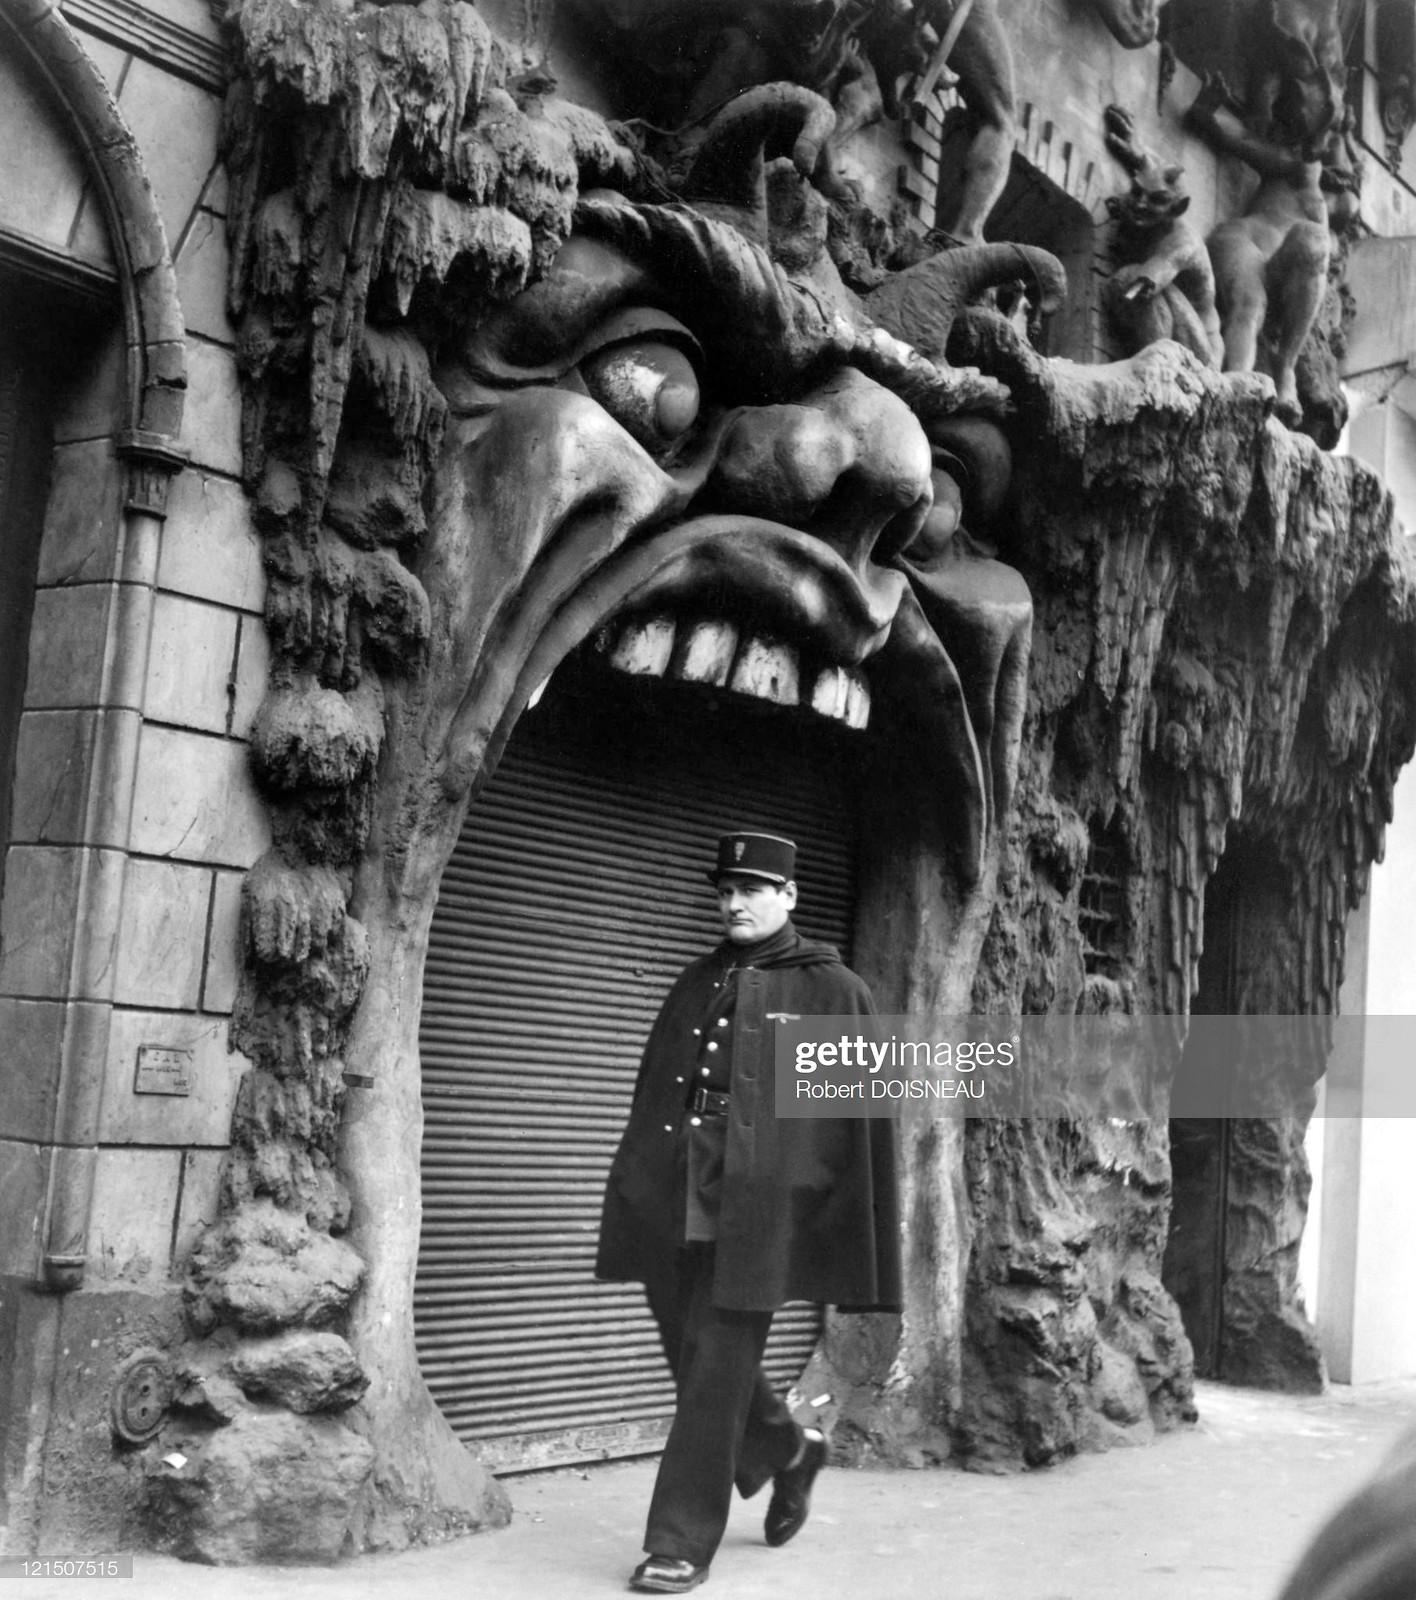 1952. Бульвар Клиши. Полицейский, идущий мимо Врат Ада